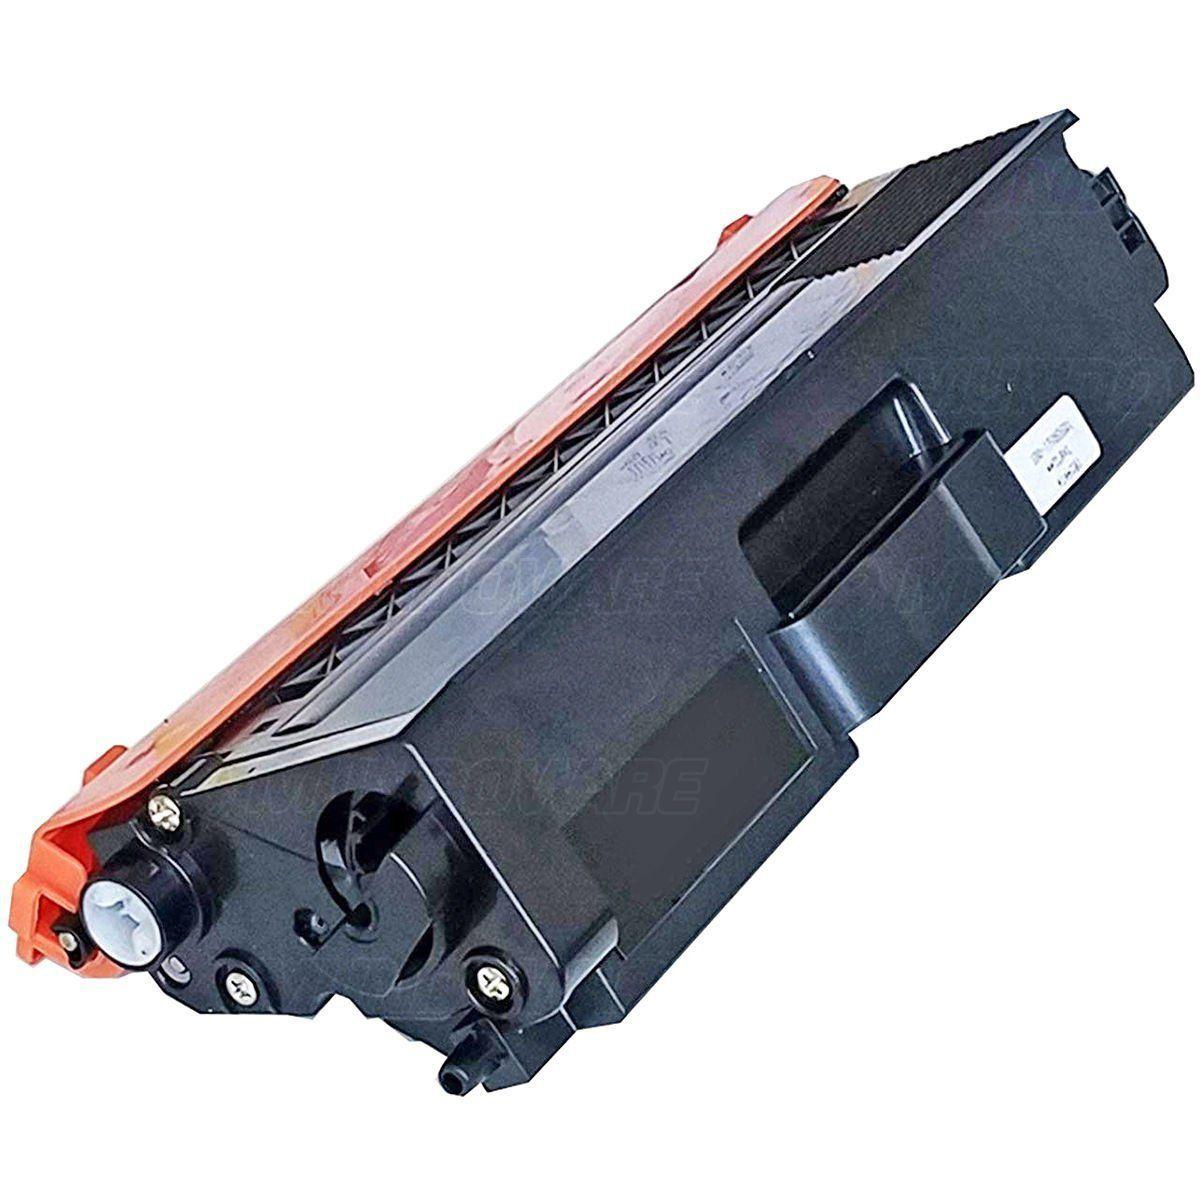 Compatível: Toner TN-419K TN419 para Brother HL-L8360cdw MFC-L8610cdw MFC-L8900cdw MFC-L9570 L8360 / Preto / 9.000